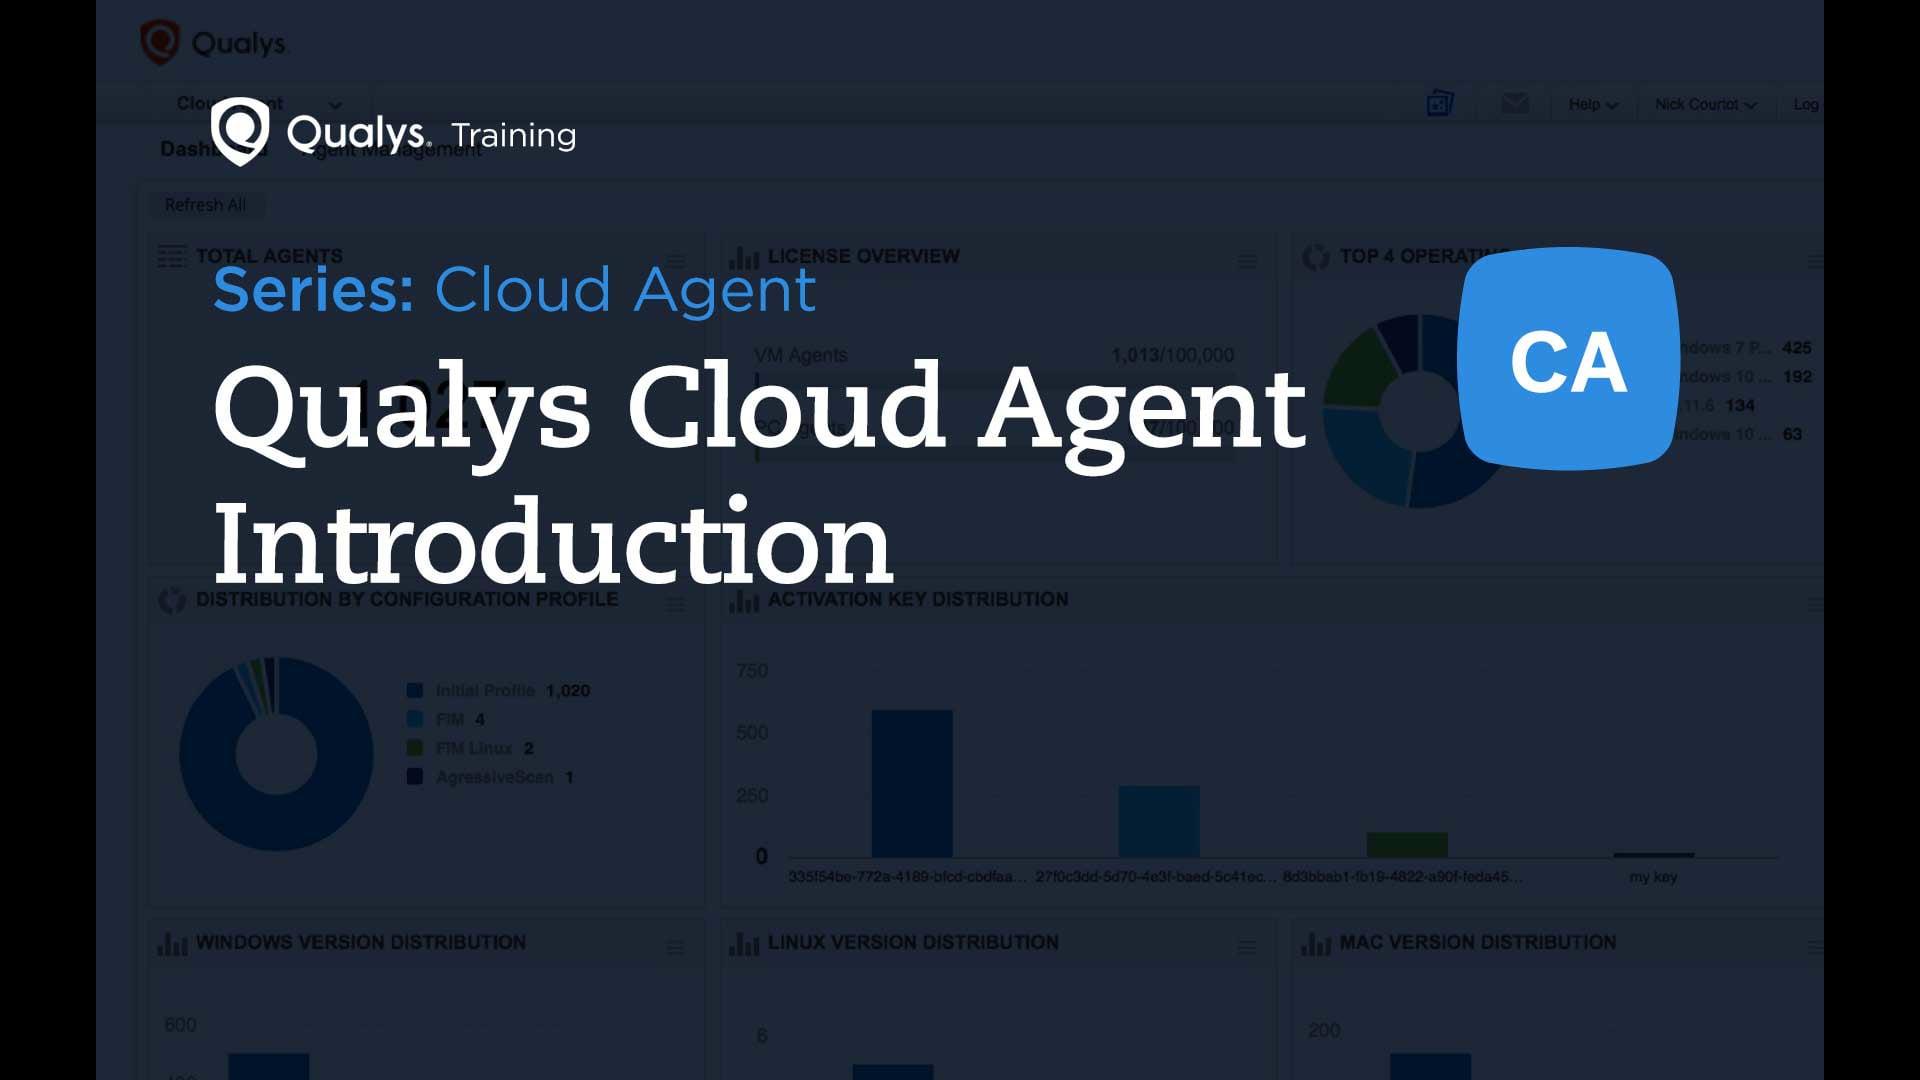 Qualys Cloud Agent Introduction